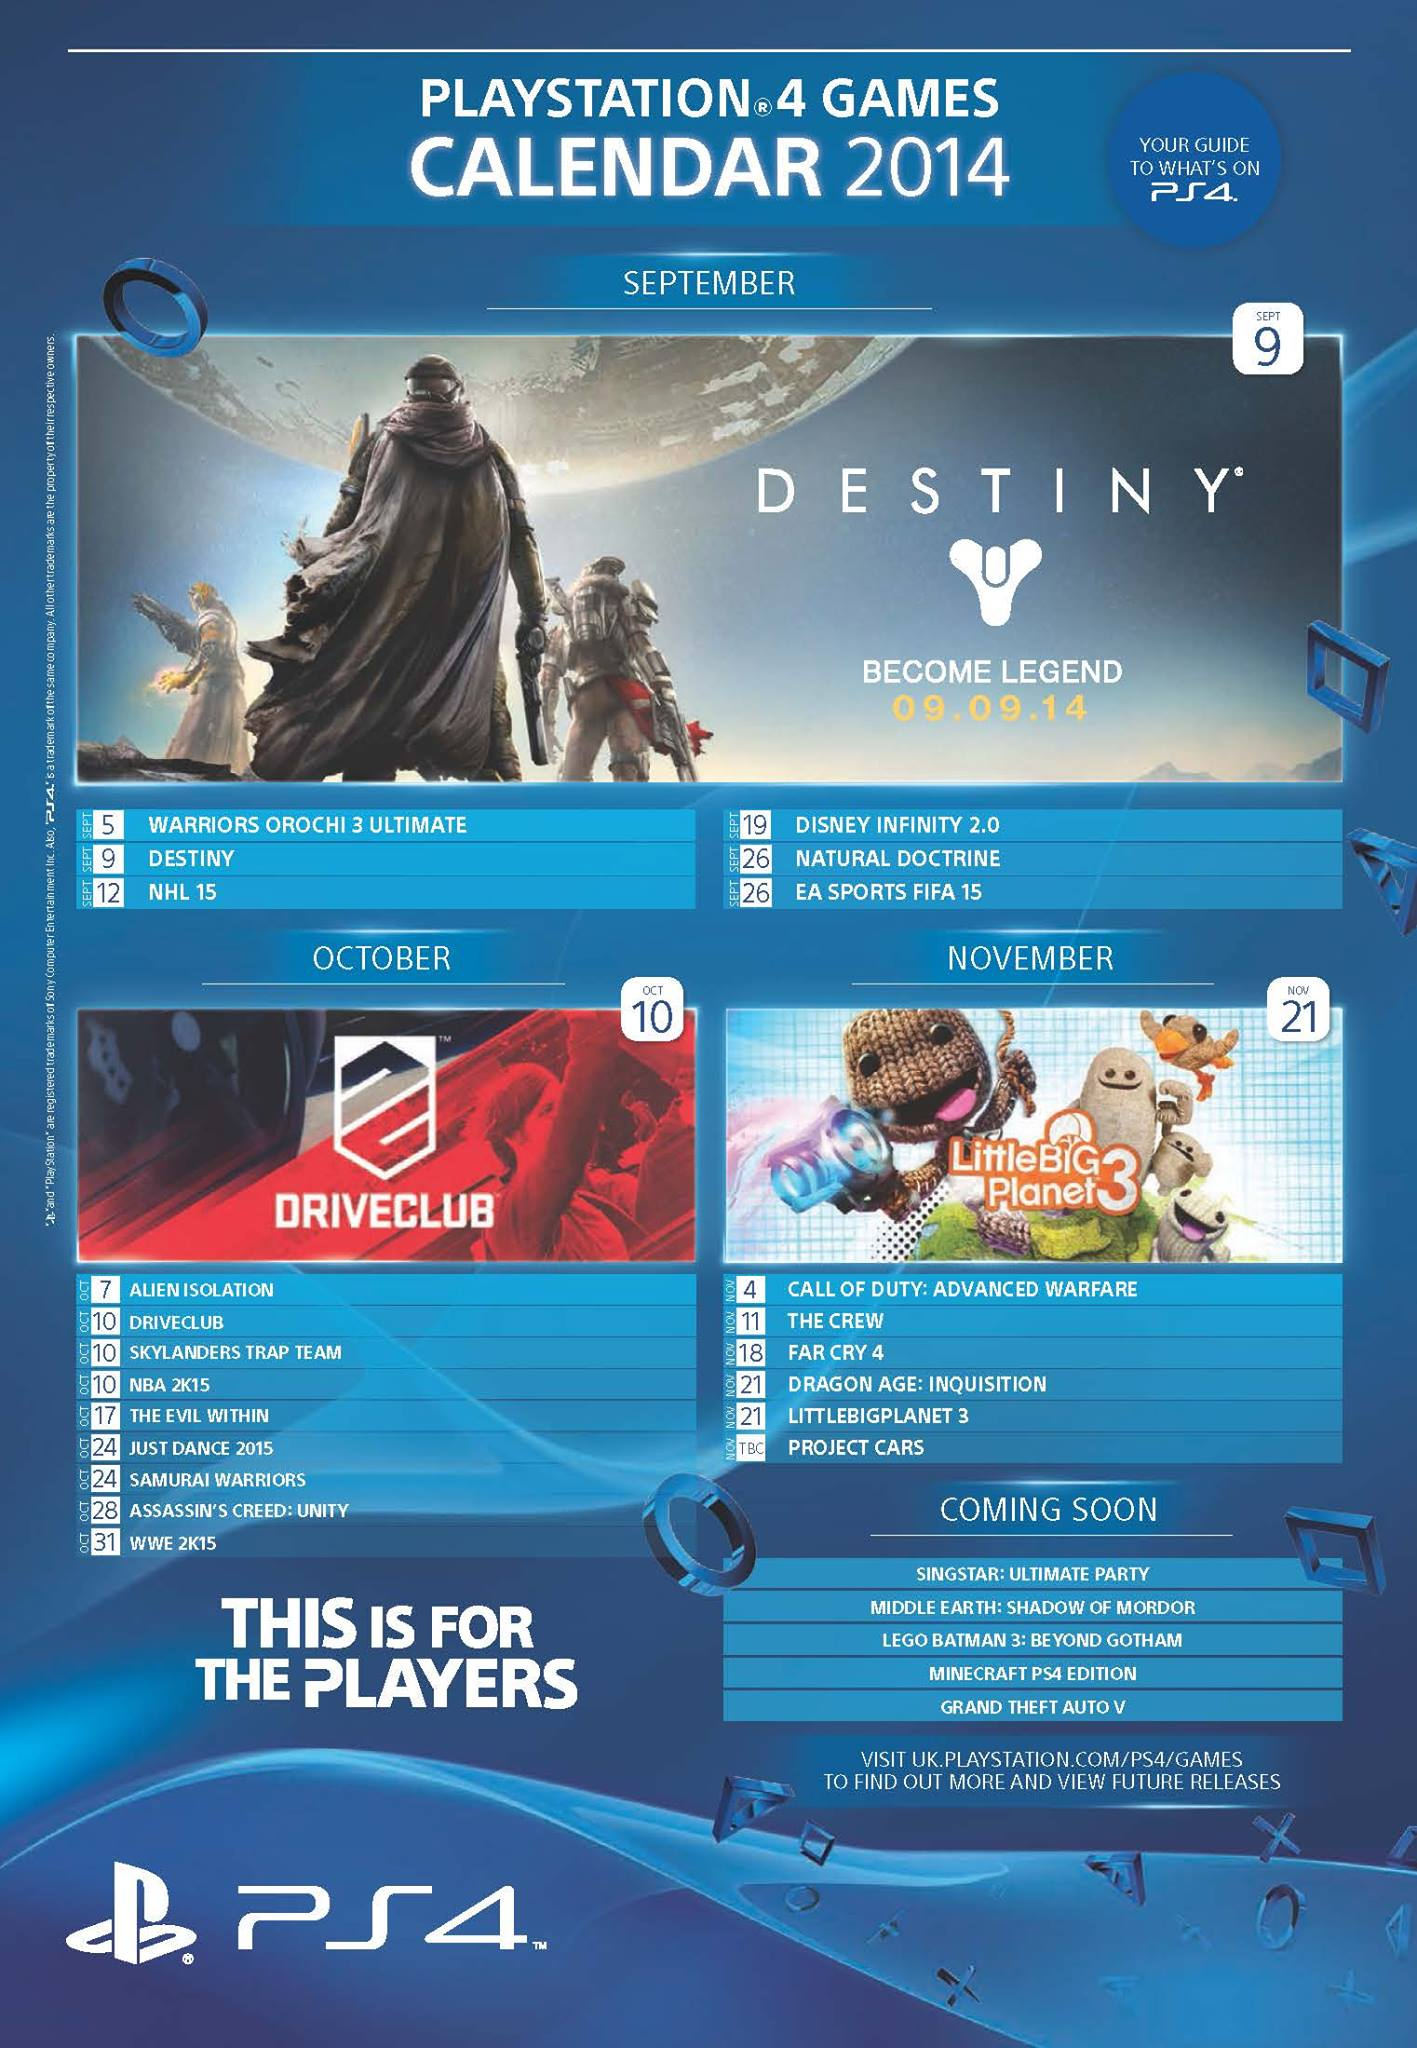 PS4 Games Calendar 2014 - Изображение 1